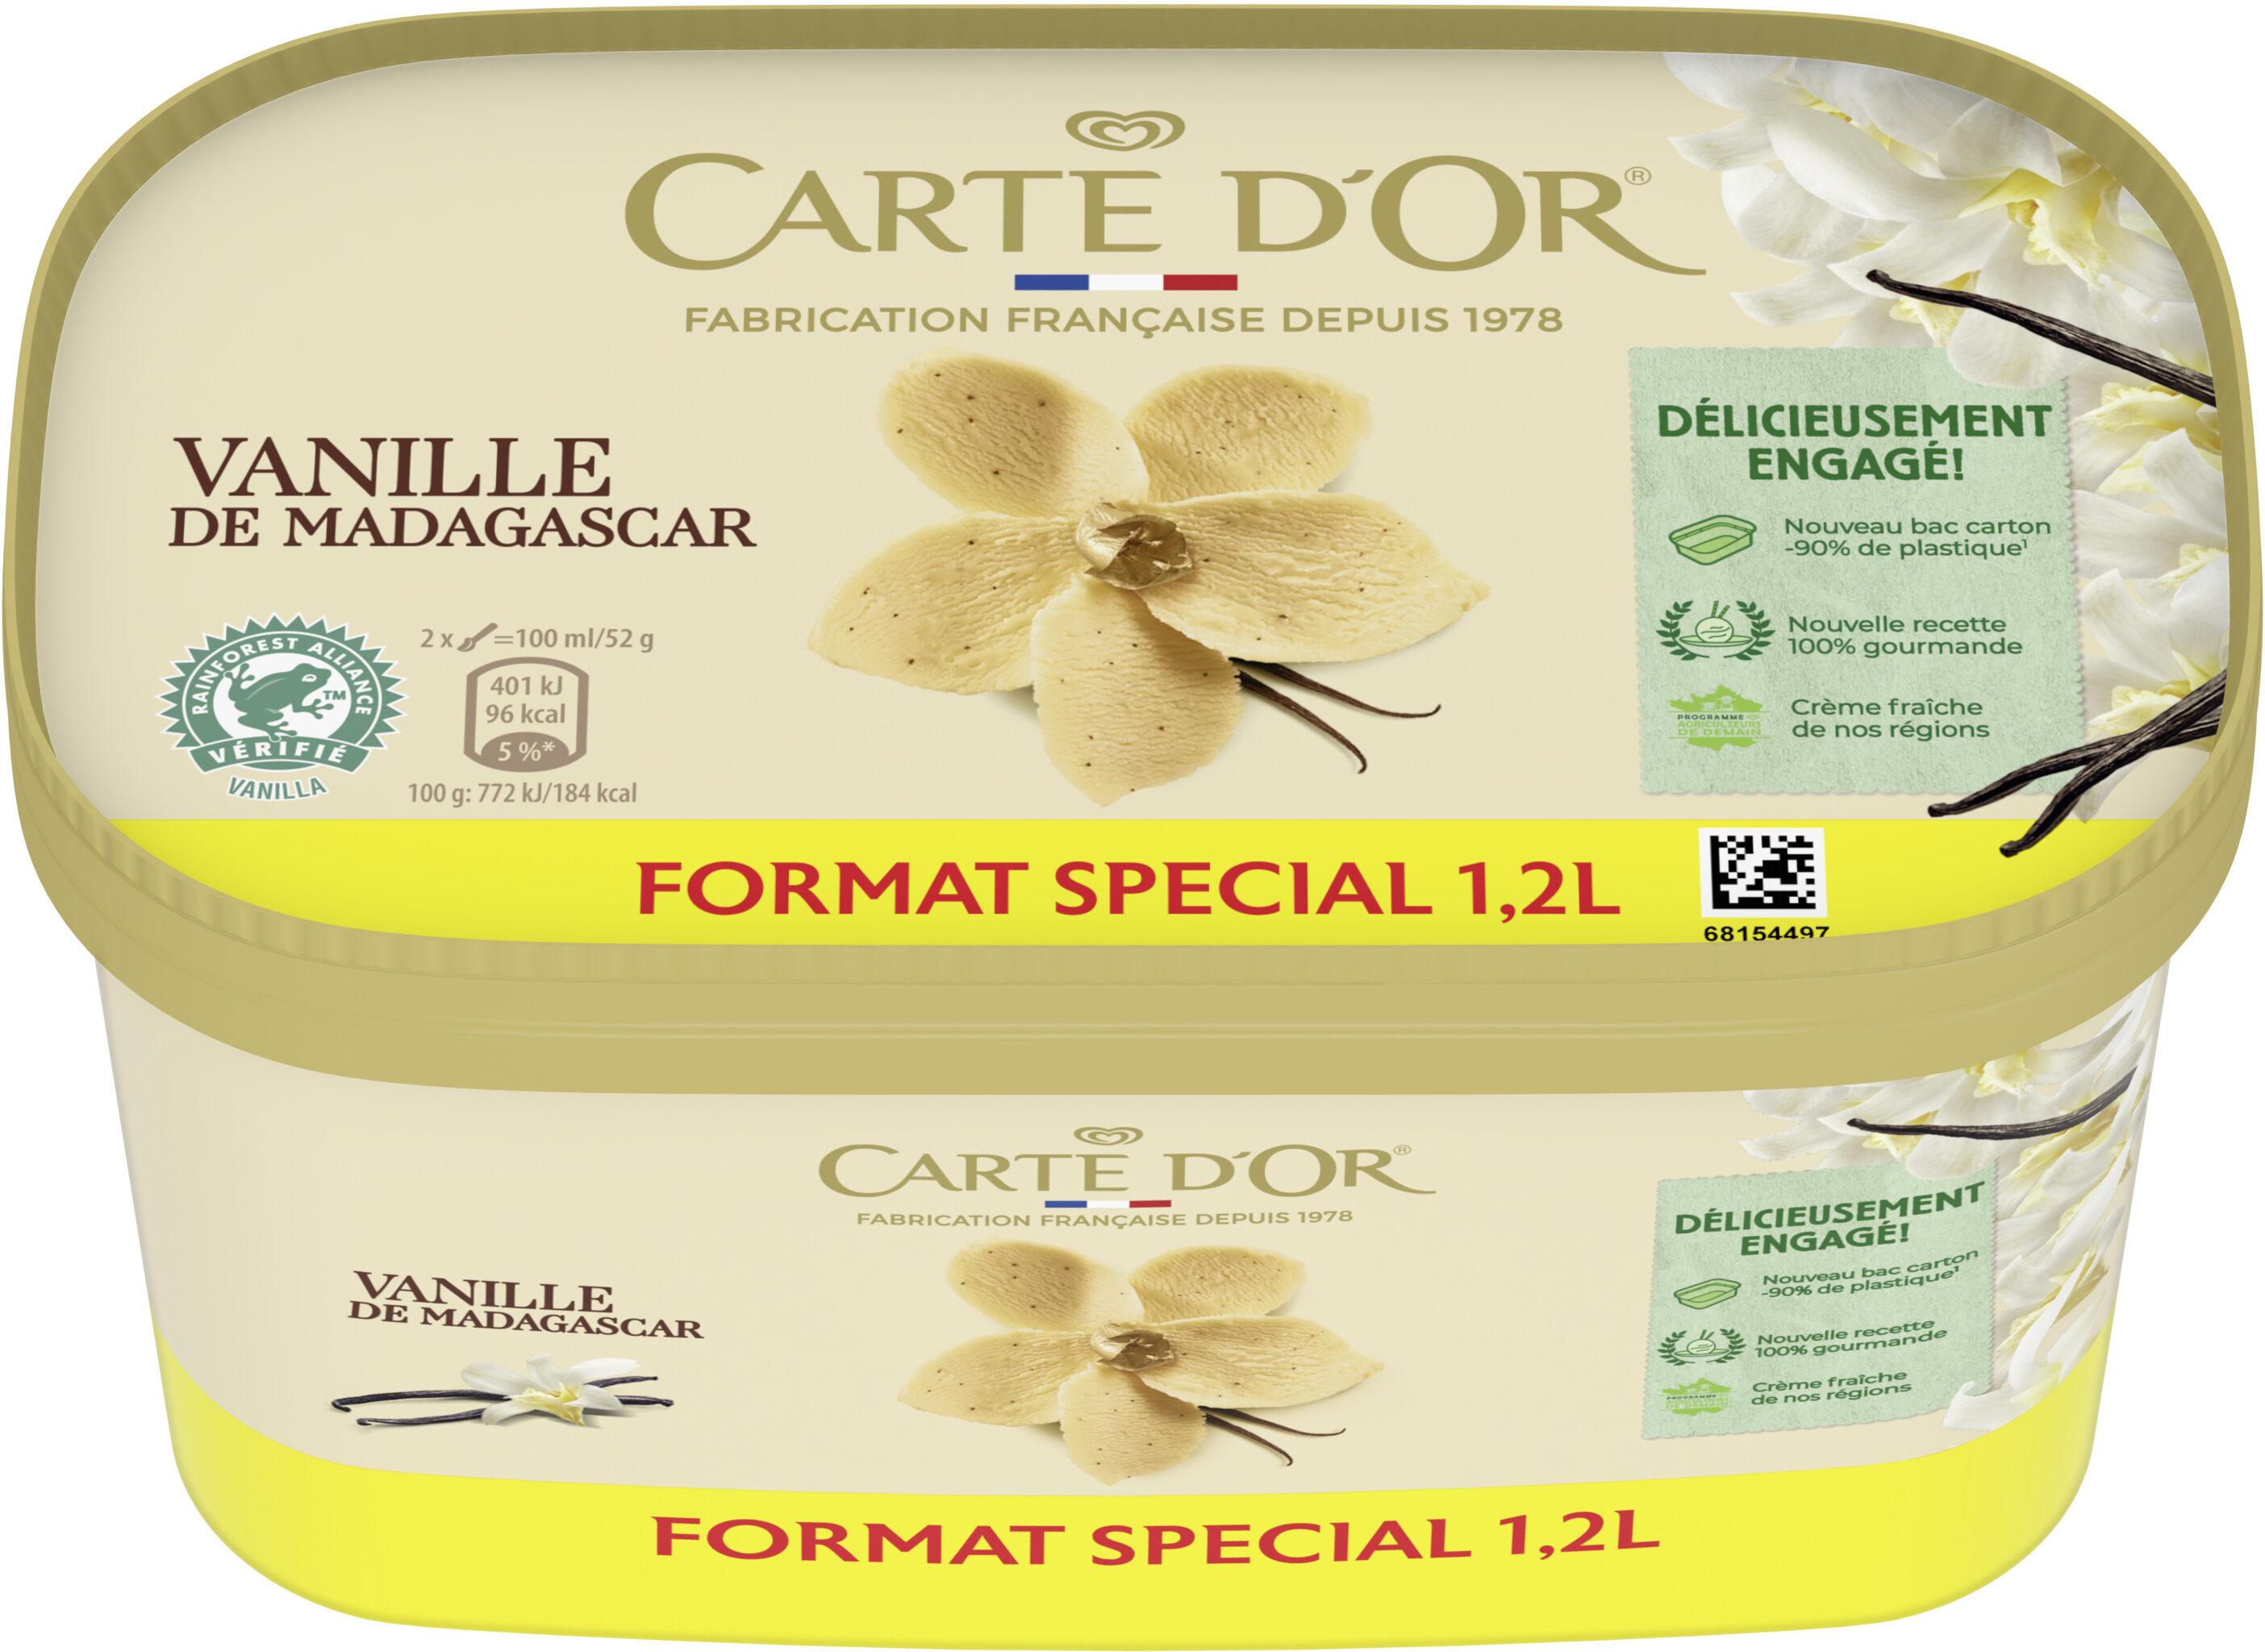 Carte D'or Glace Vanille de Madagascar 1200ml - Prodotto - fr